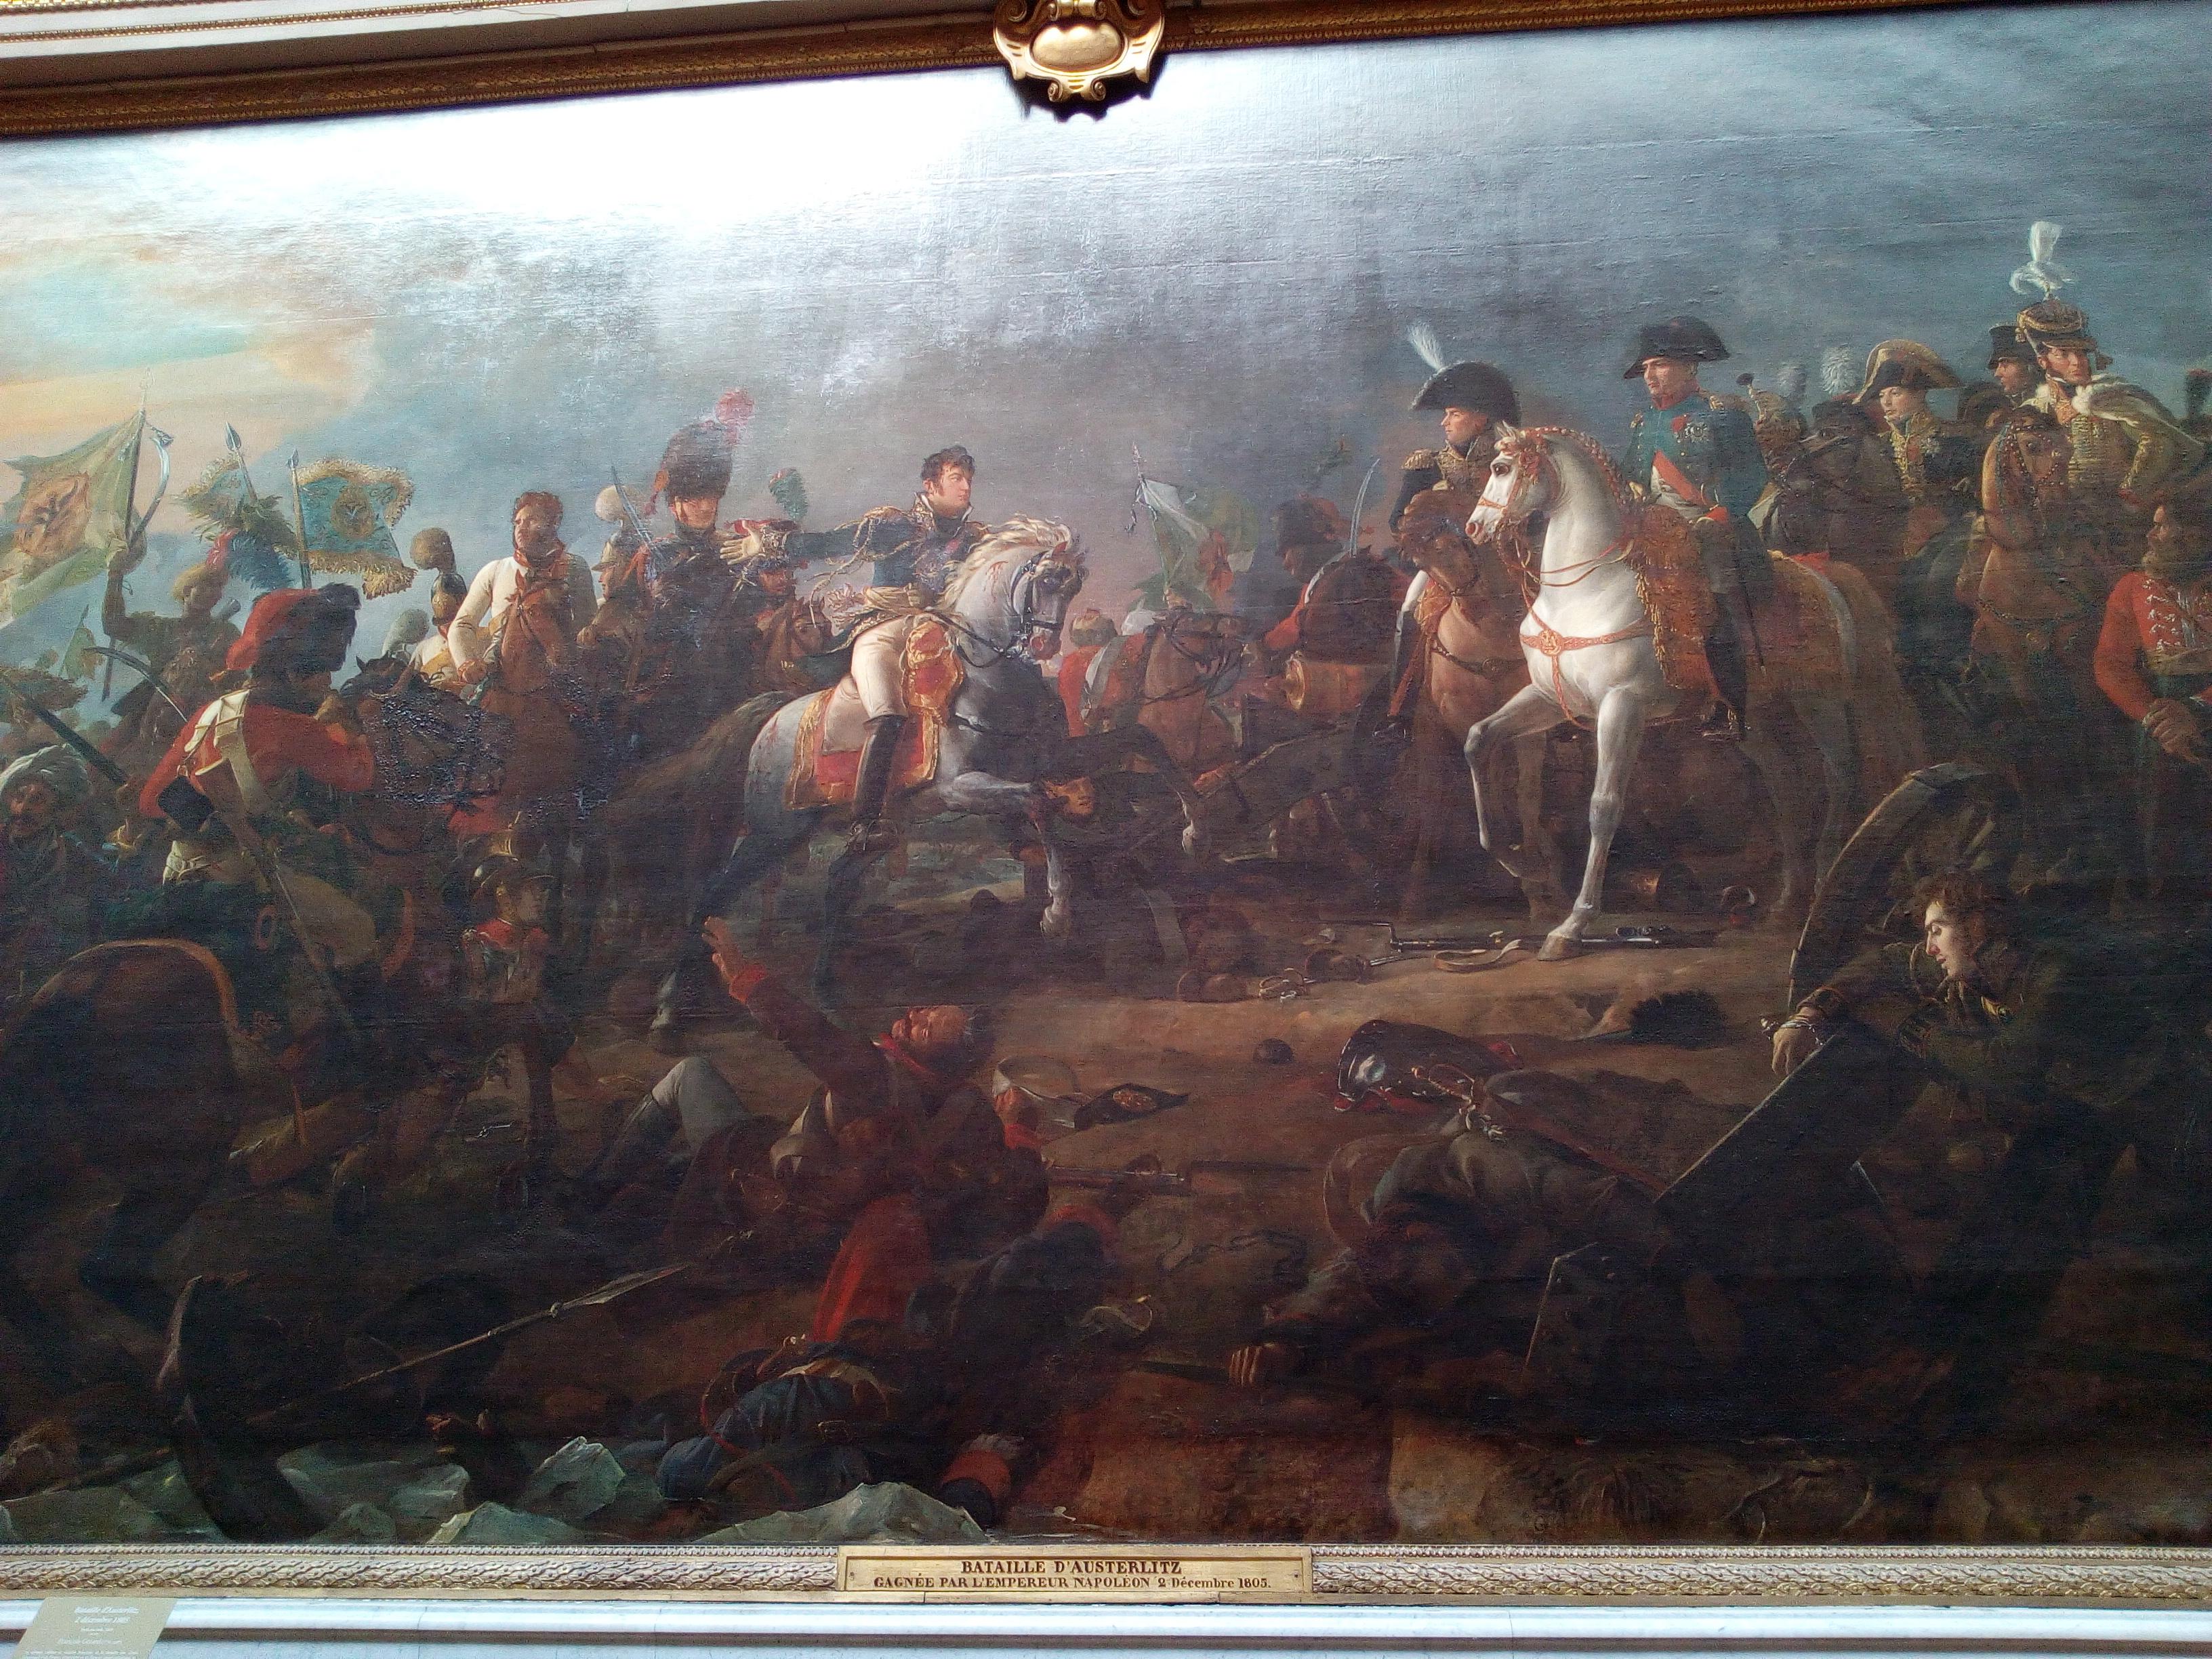 Galerie des Batailles du château de Versailles, Bataille d'Austerlitz 1805, Gérard